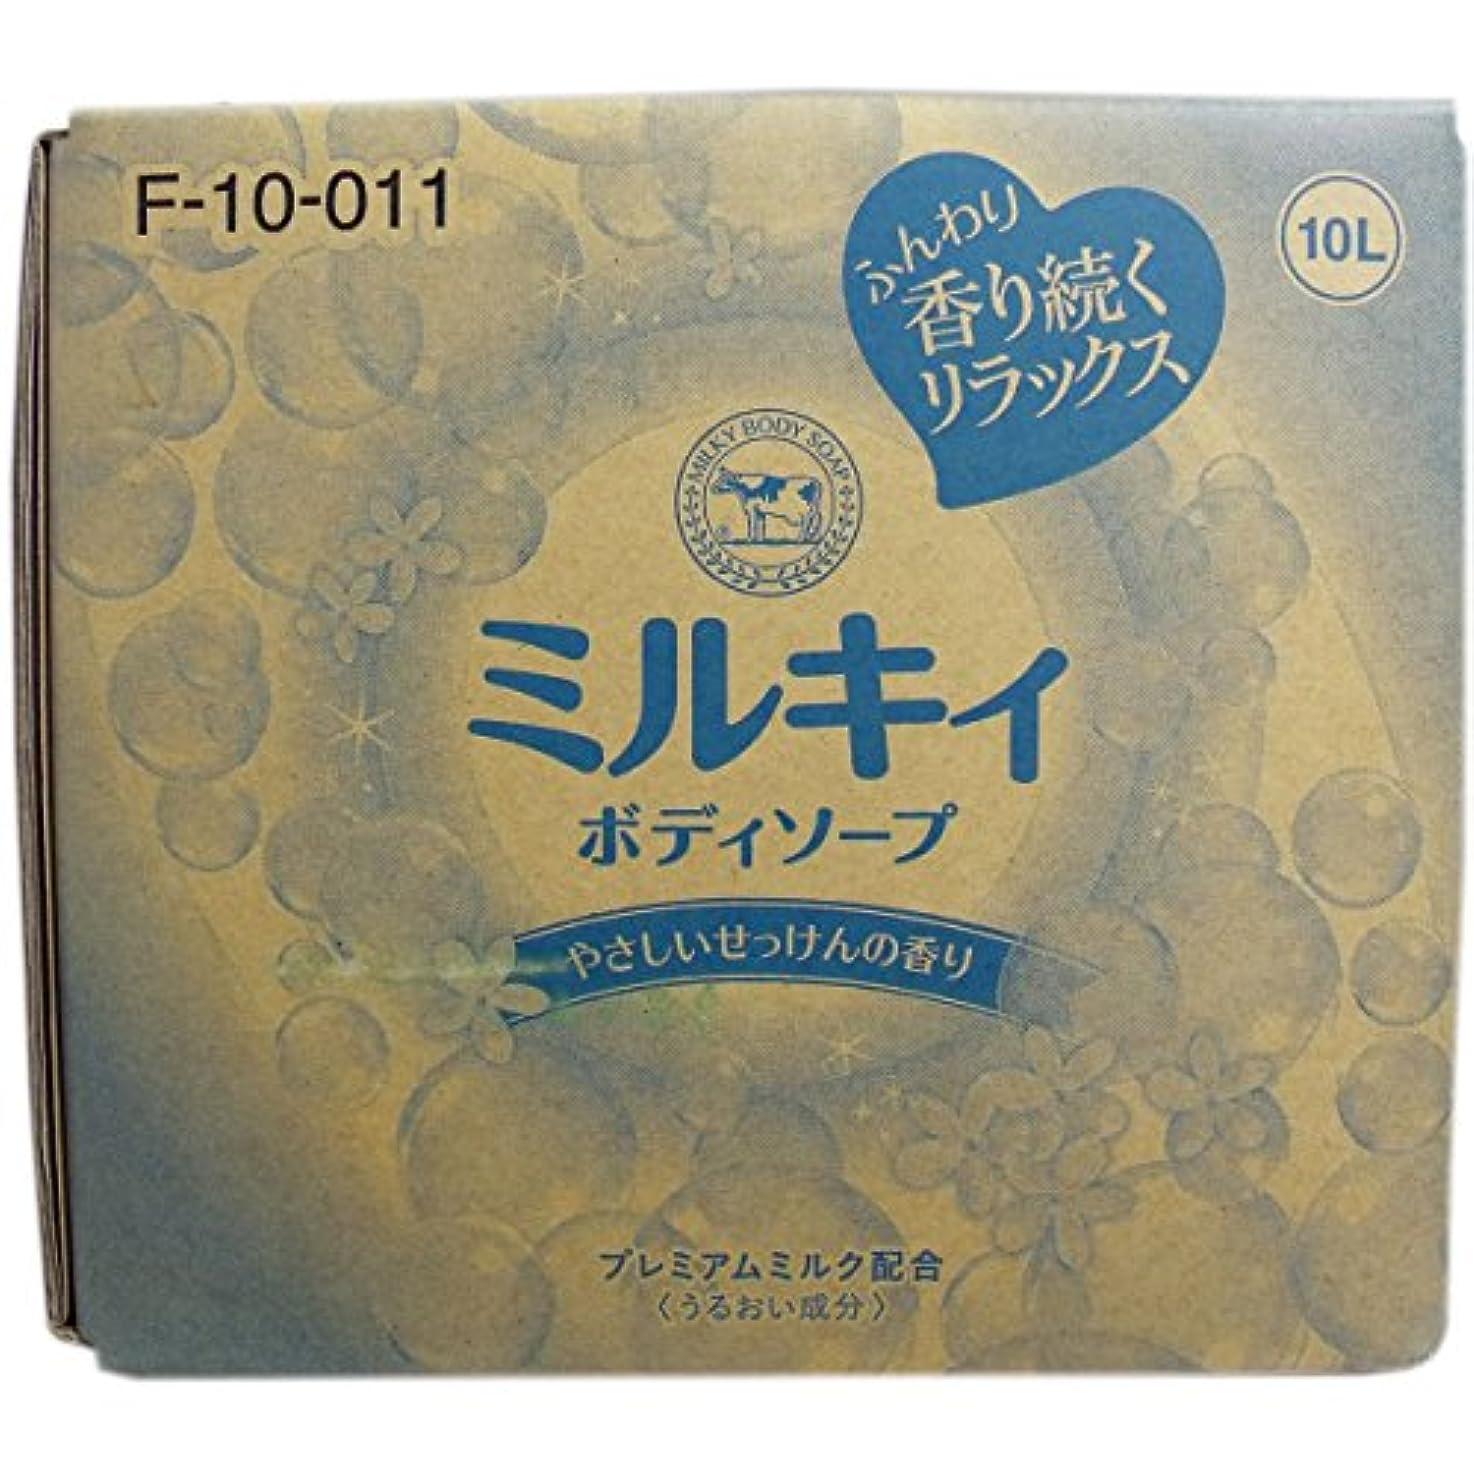 内部落胆した慣れている業務用ボディーソープ【牛乳石鹸 ミルキィボディソープ やさしいせっけんの香り 10L】